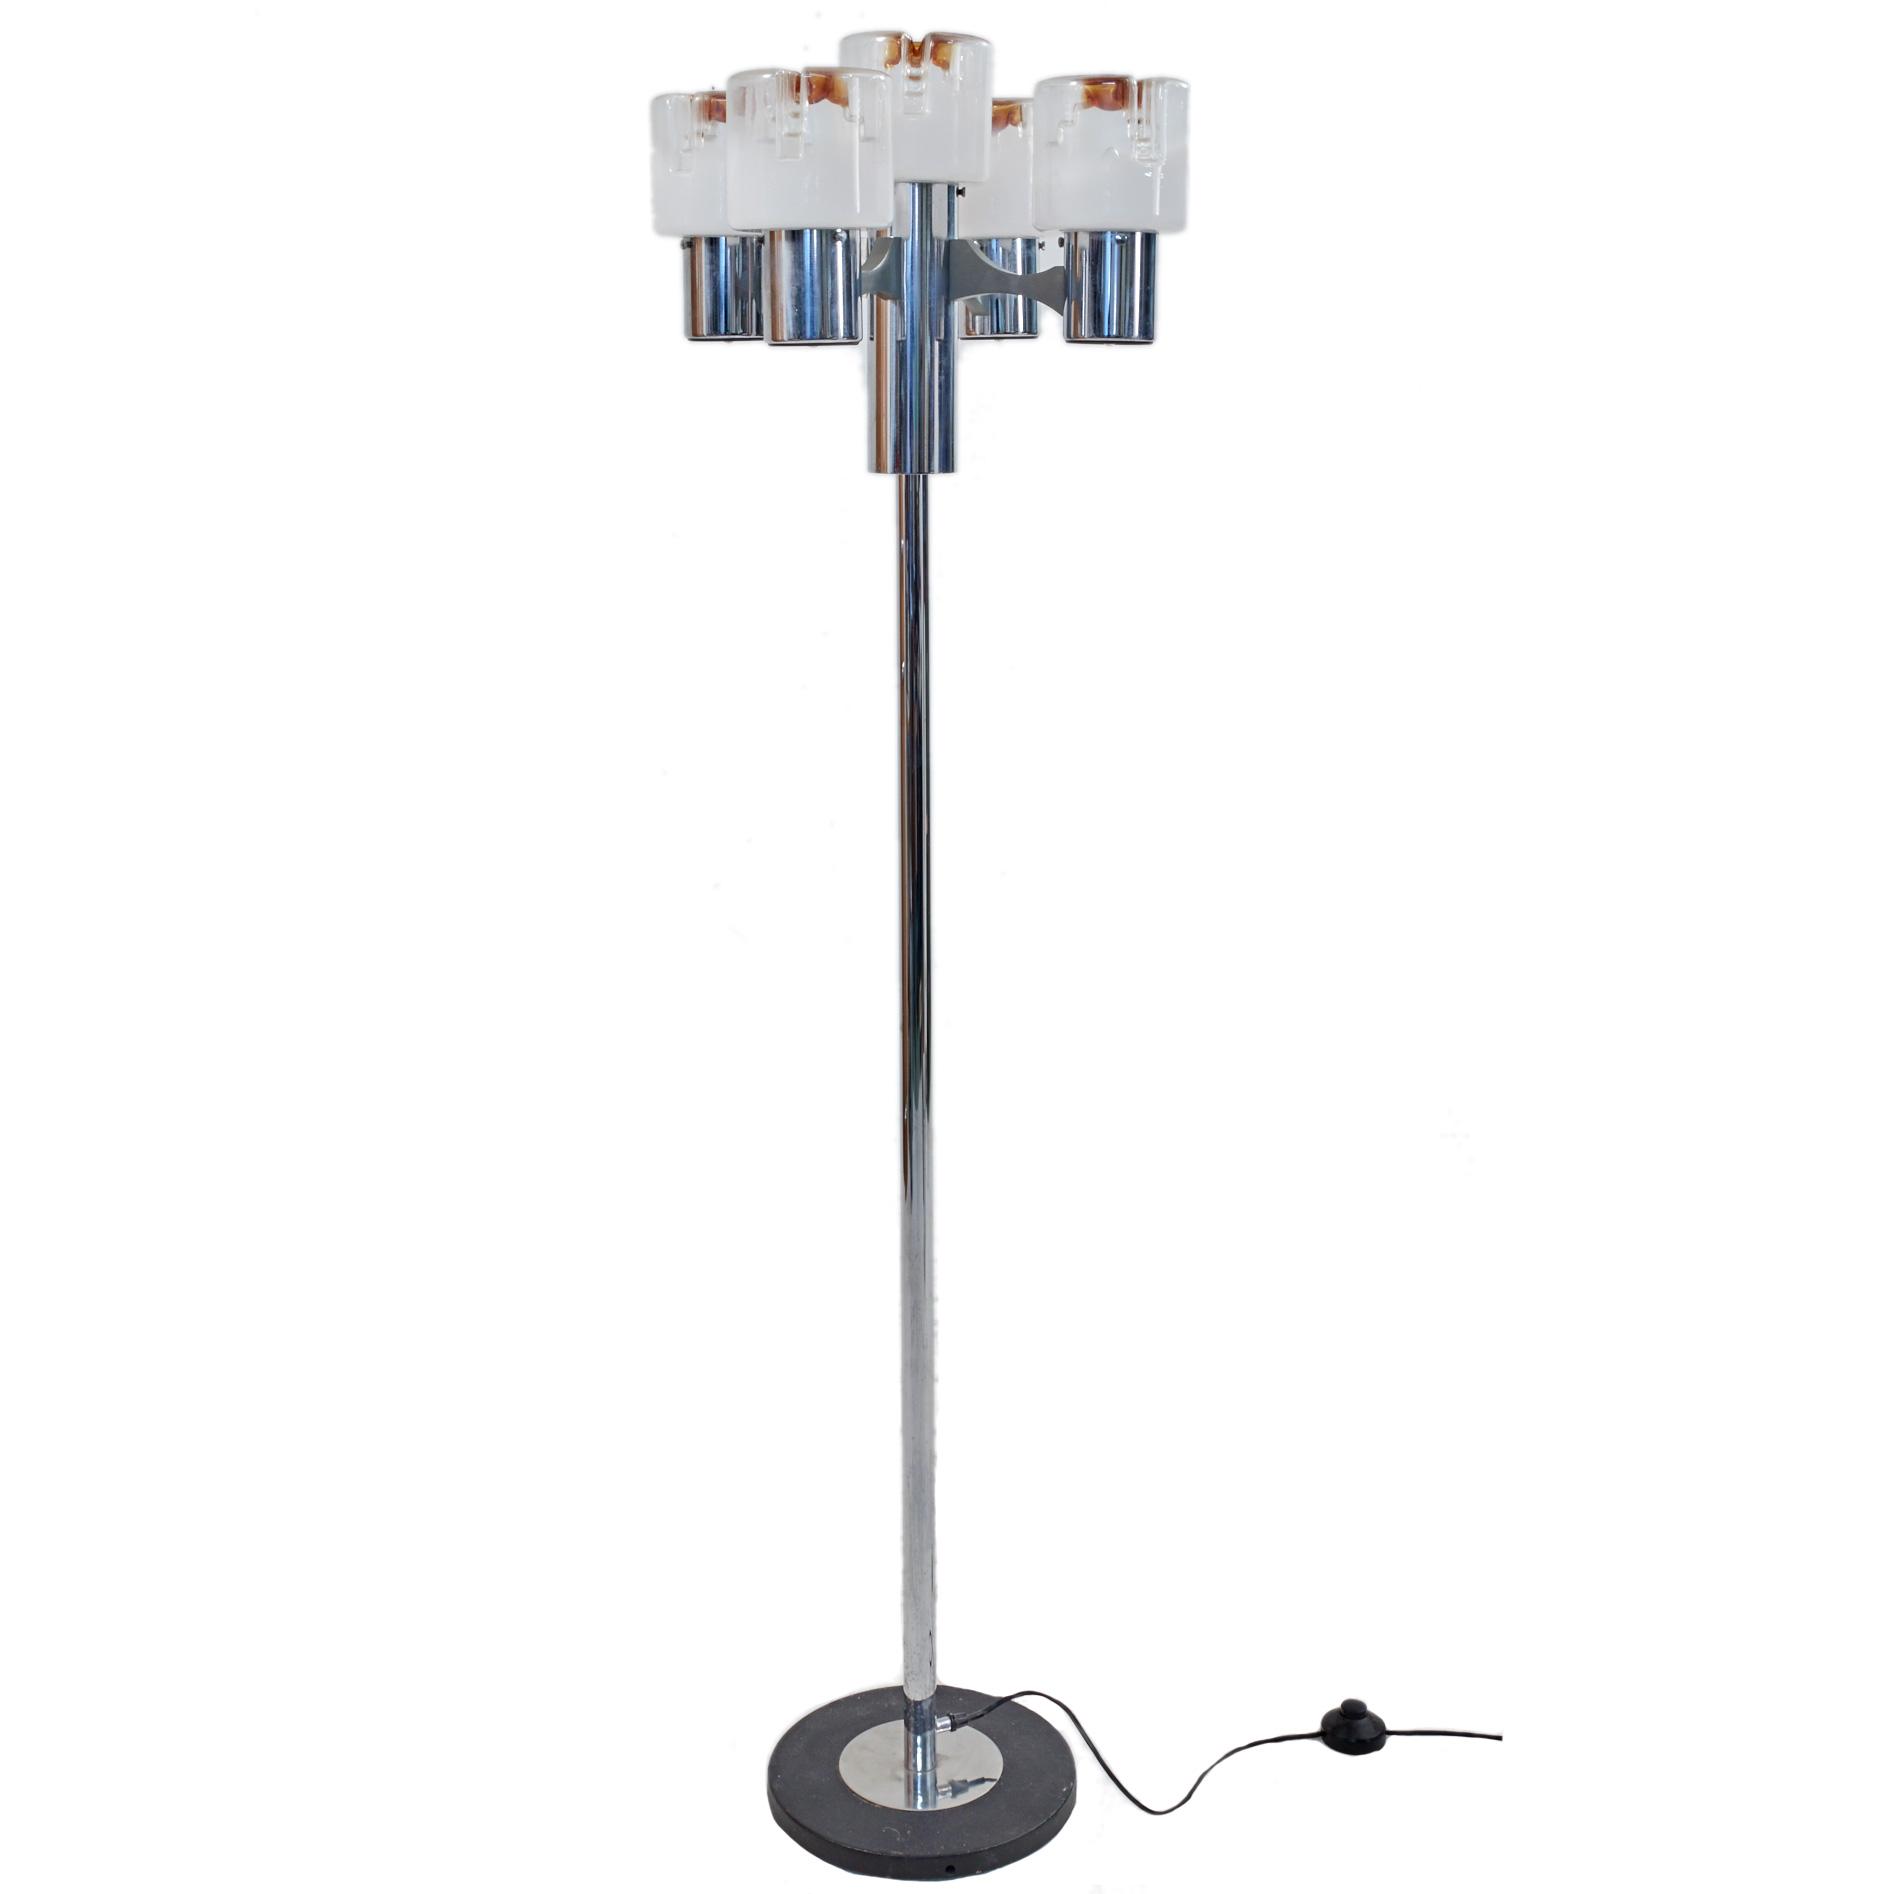 Italienische Stehlampe Mit Fünf Leuchten Möbel Zürich Vintagemöbel